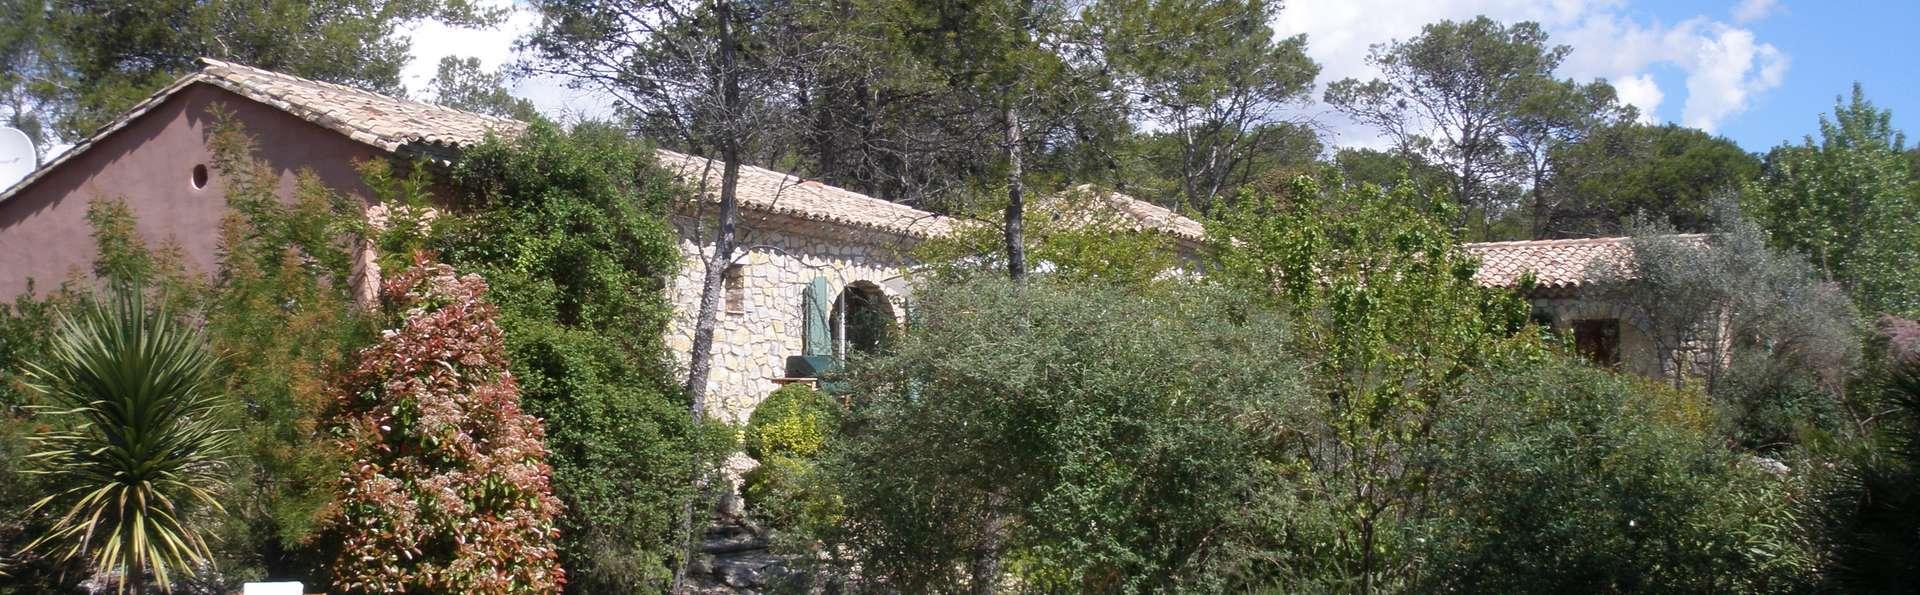 Week-end au calme en gîtes près de Montpellier